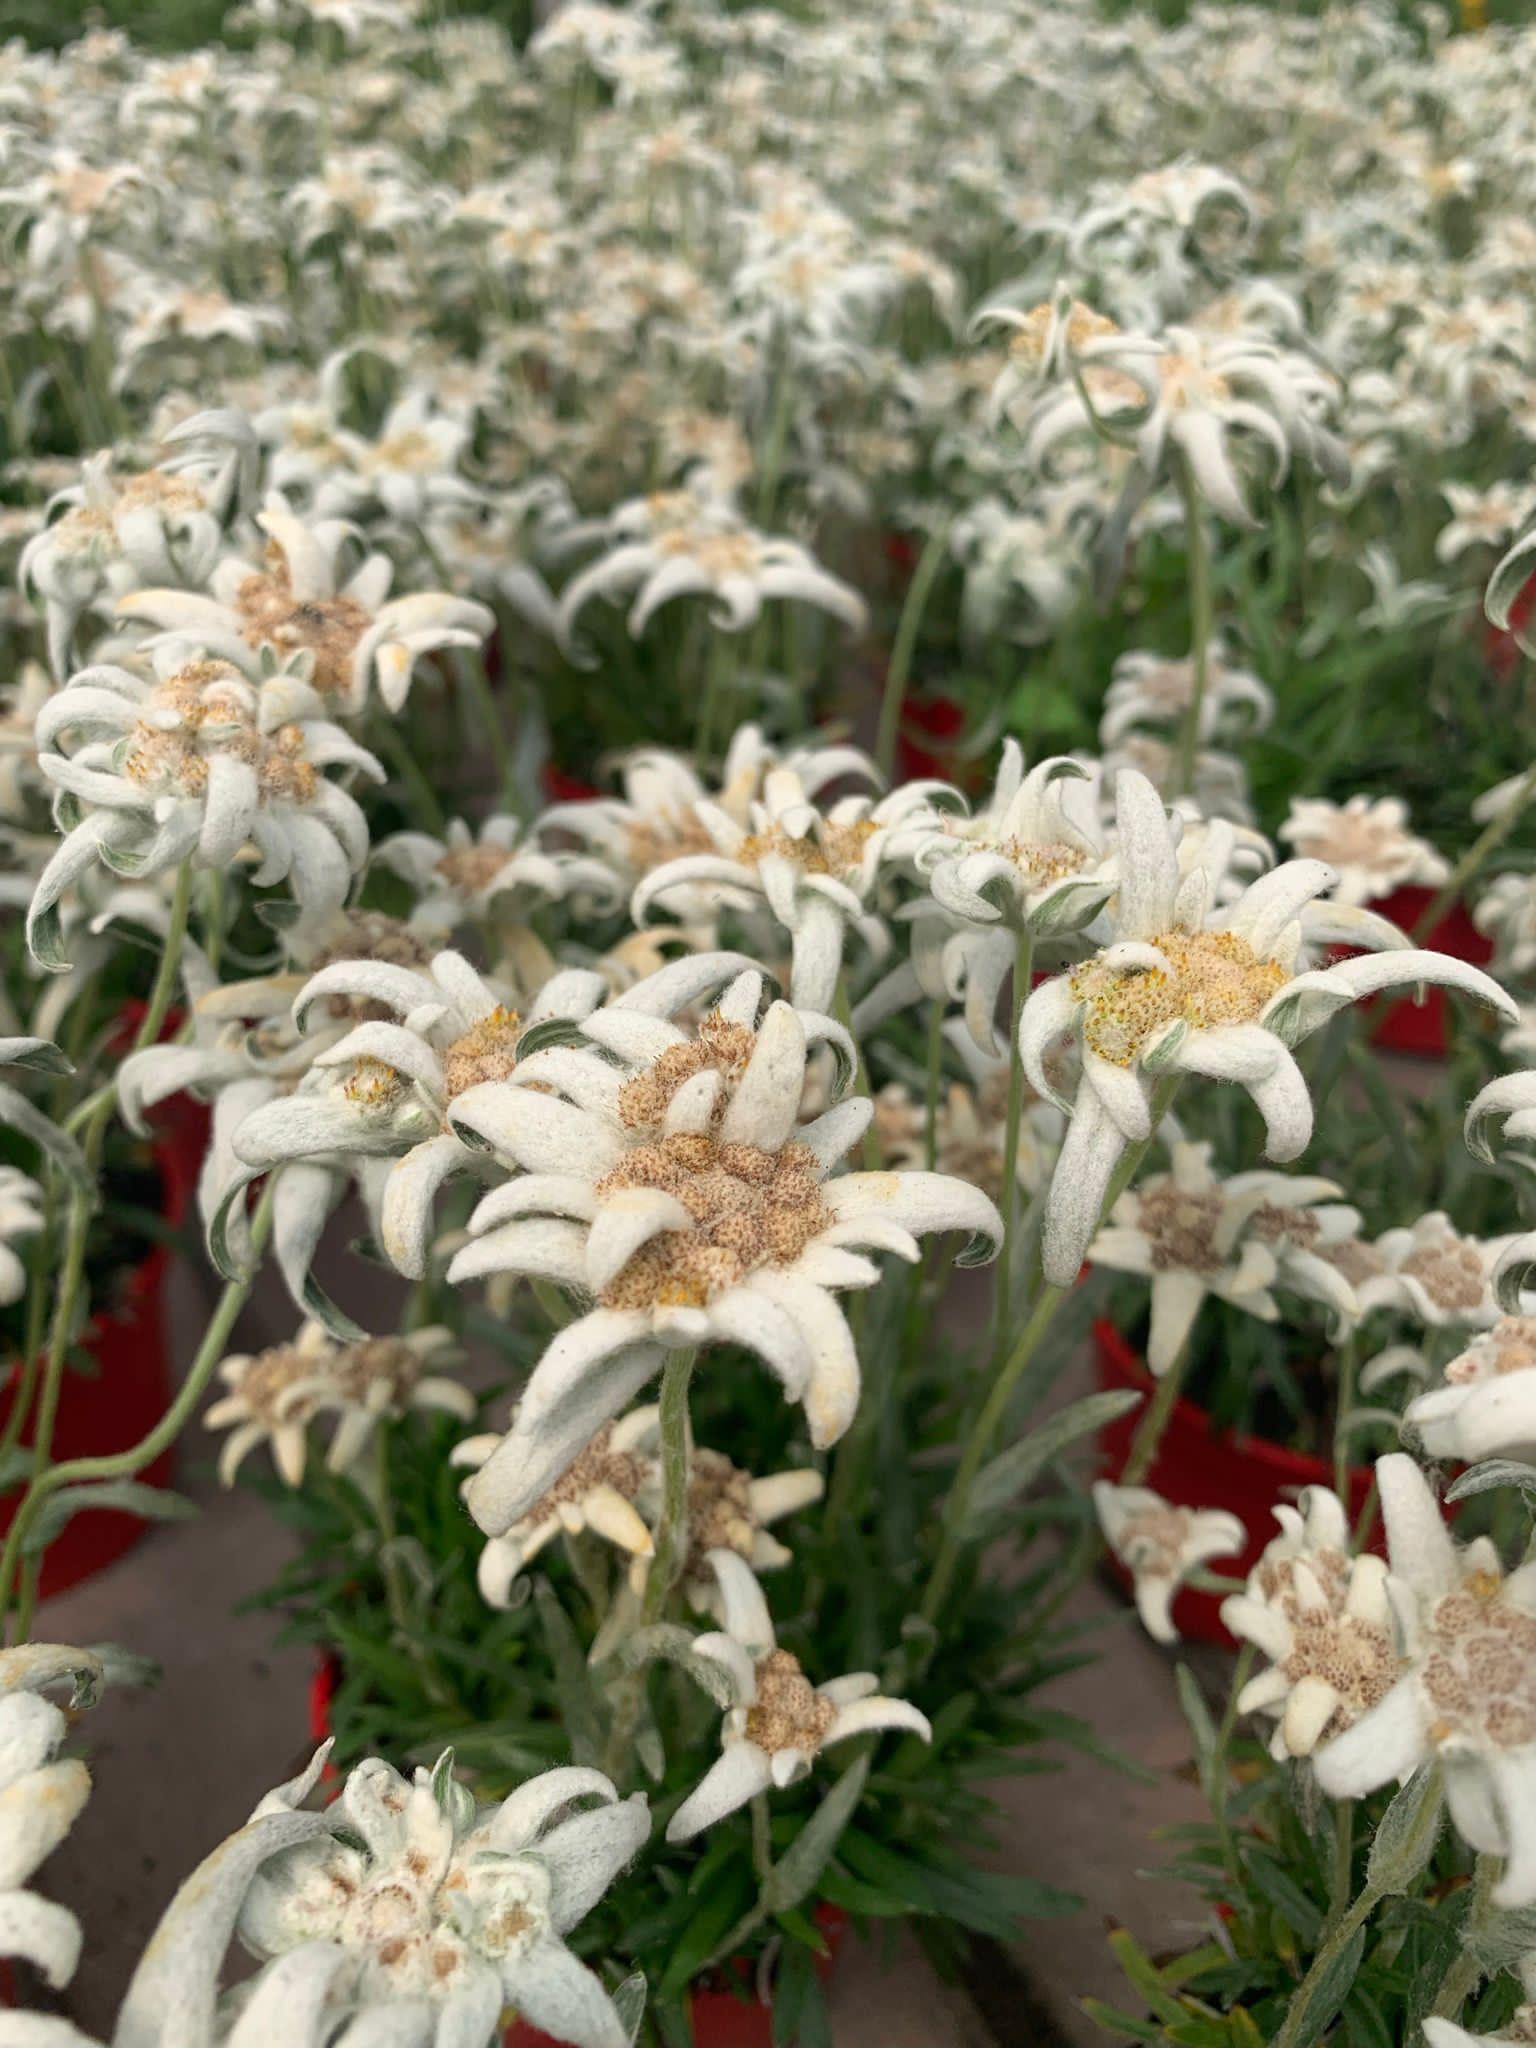 Leontopodium alpinum (stella alpina)